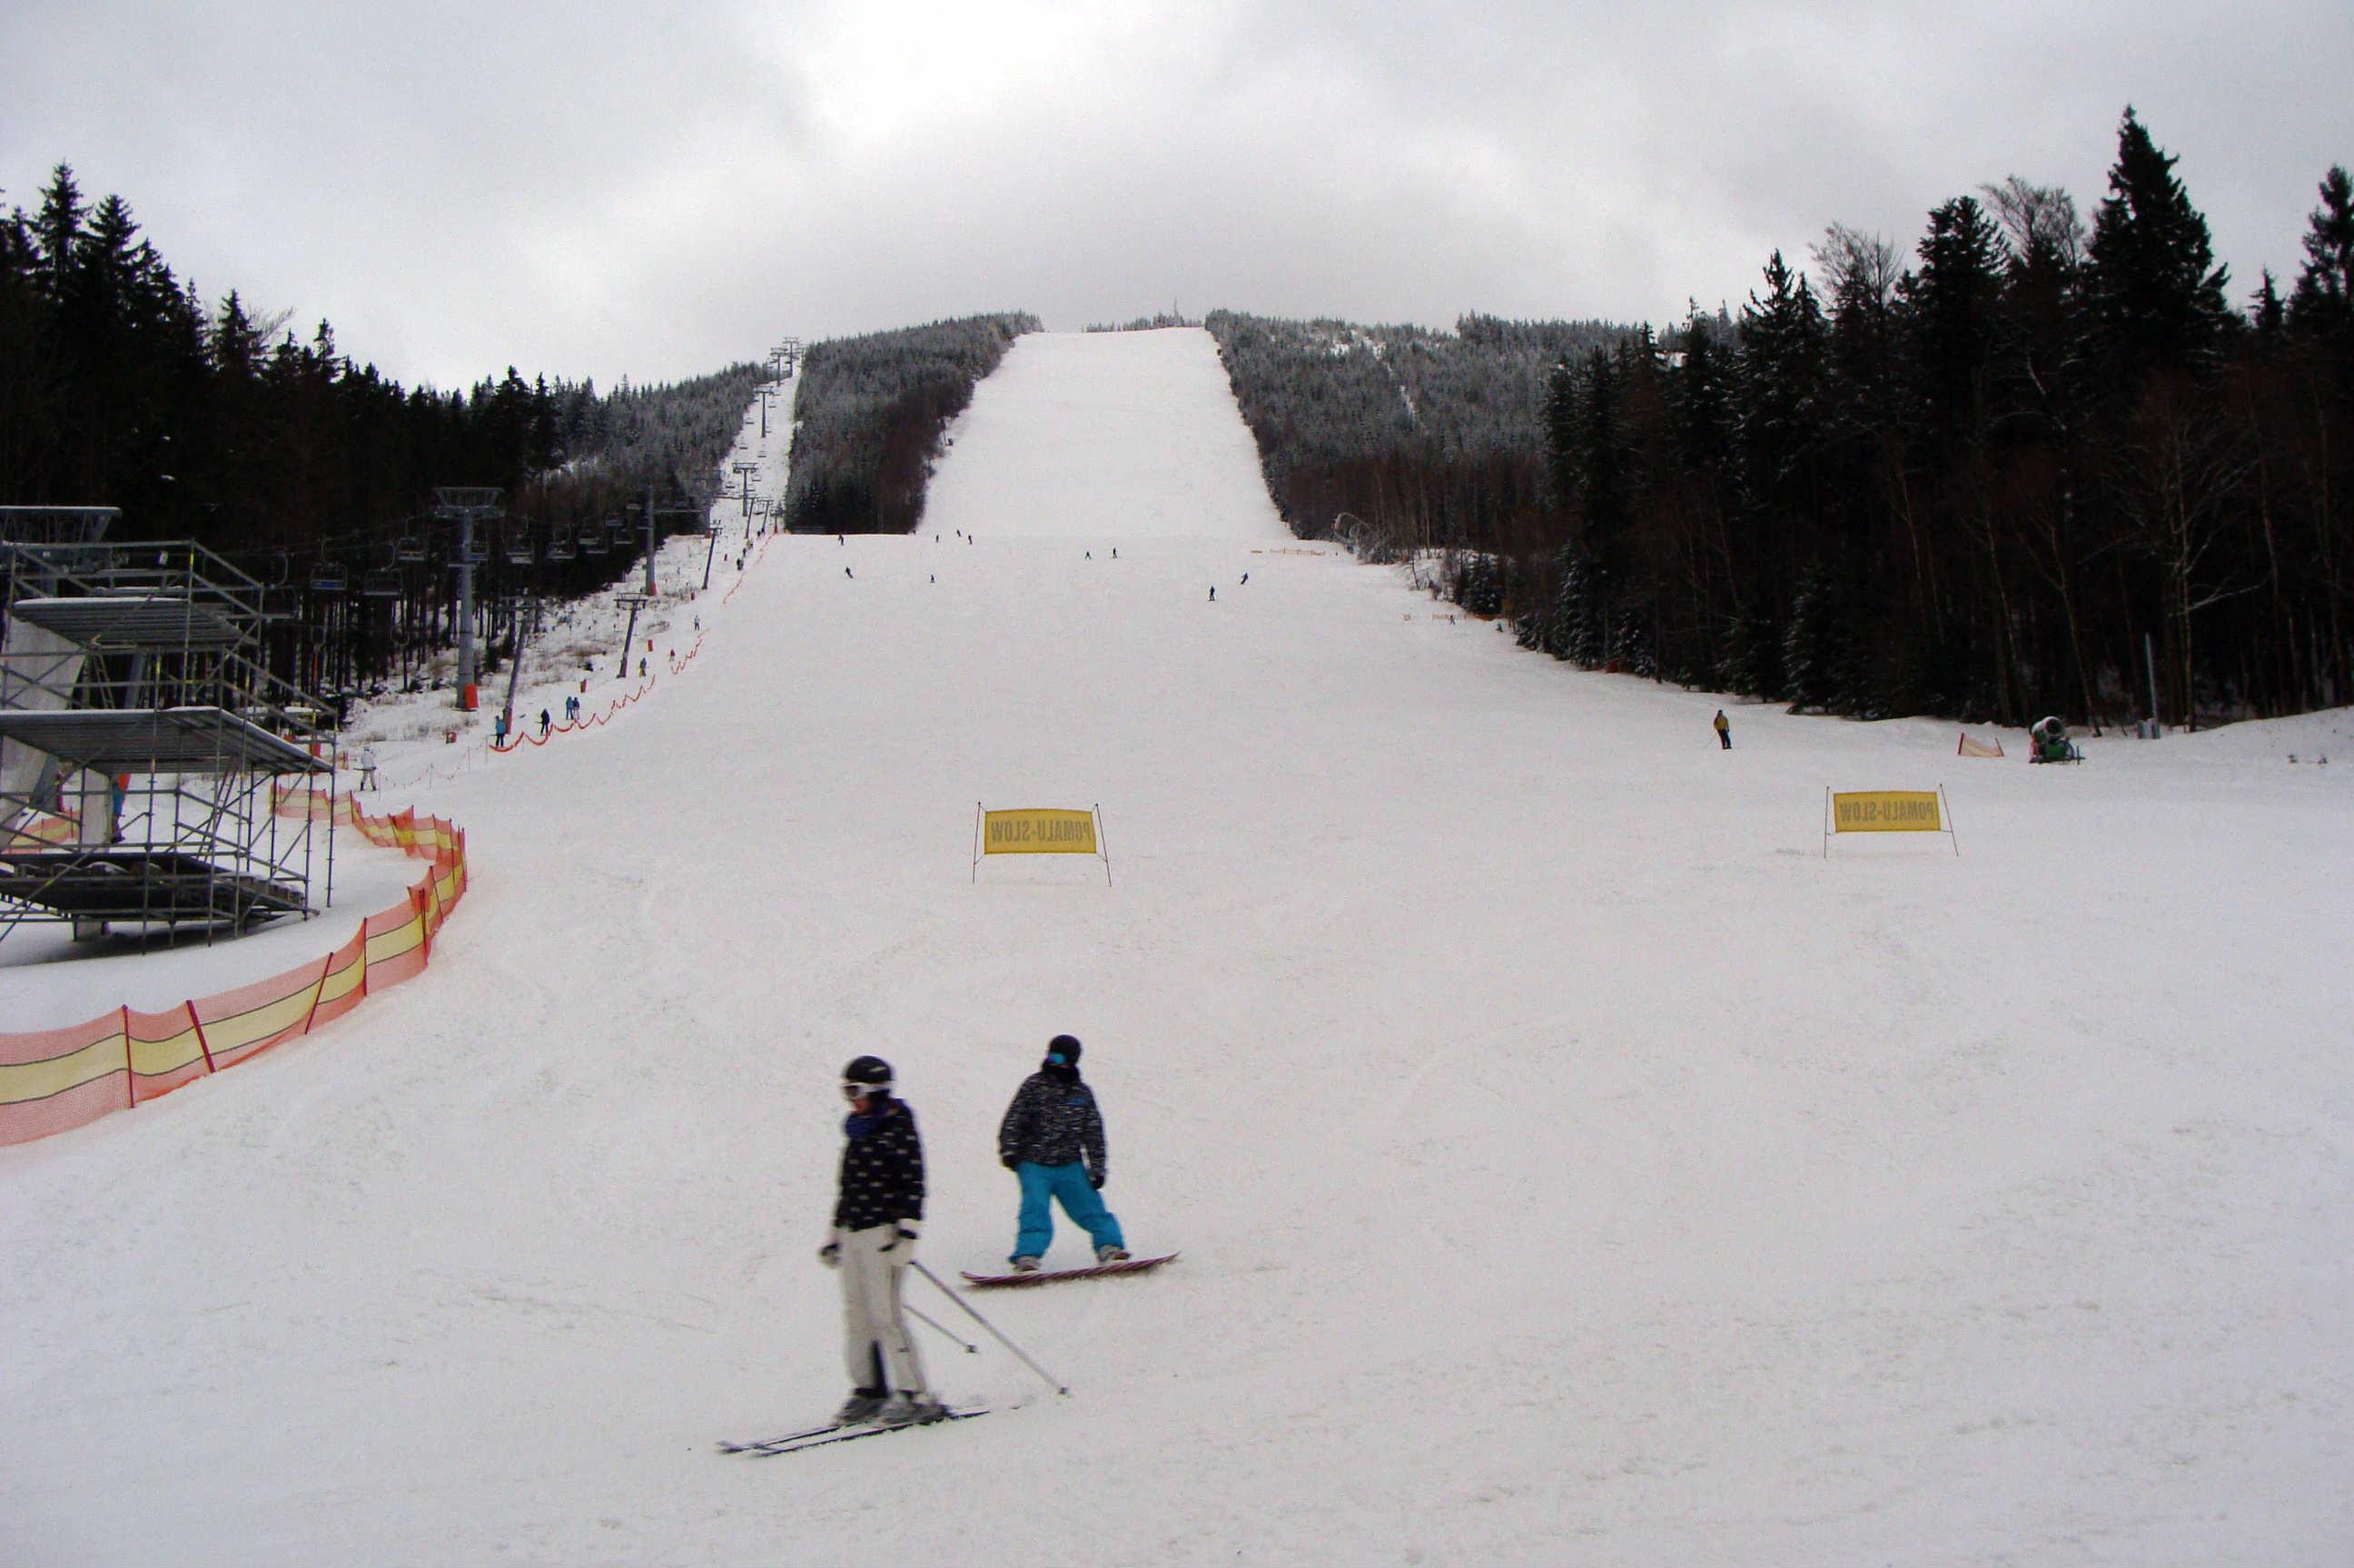 Nejprudší sjezdovka v lyžařském areálu Dolní Morava